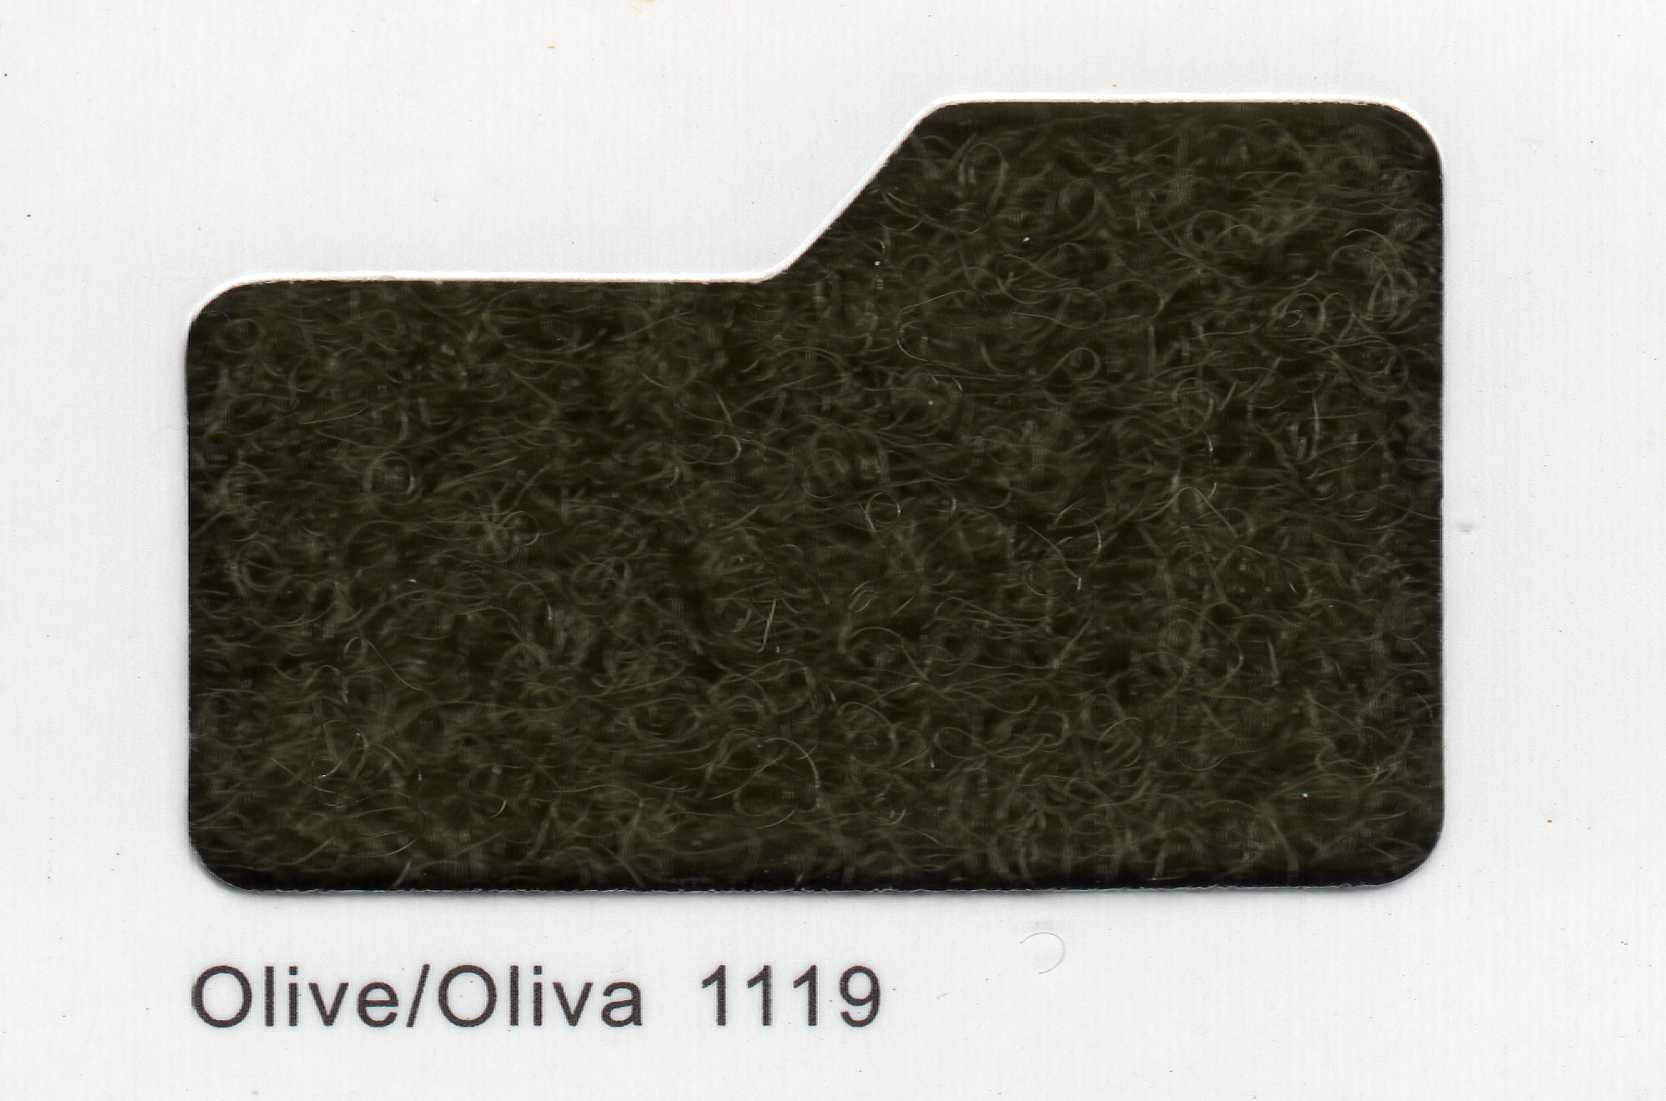 Cinta de cierre Velcro-Veraco 50mm Oliva 1119 (Rizo).